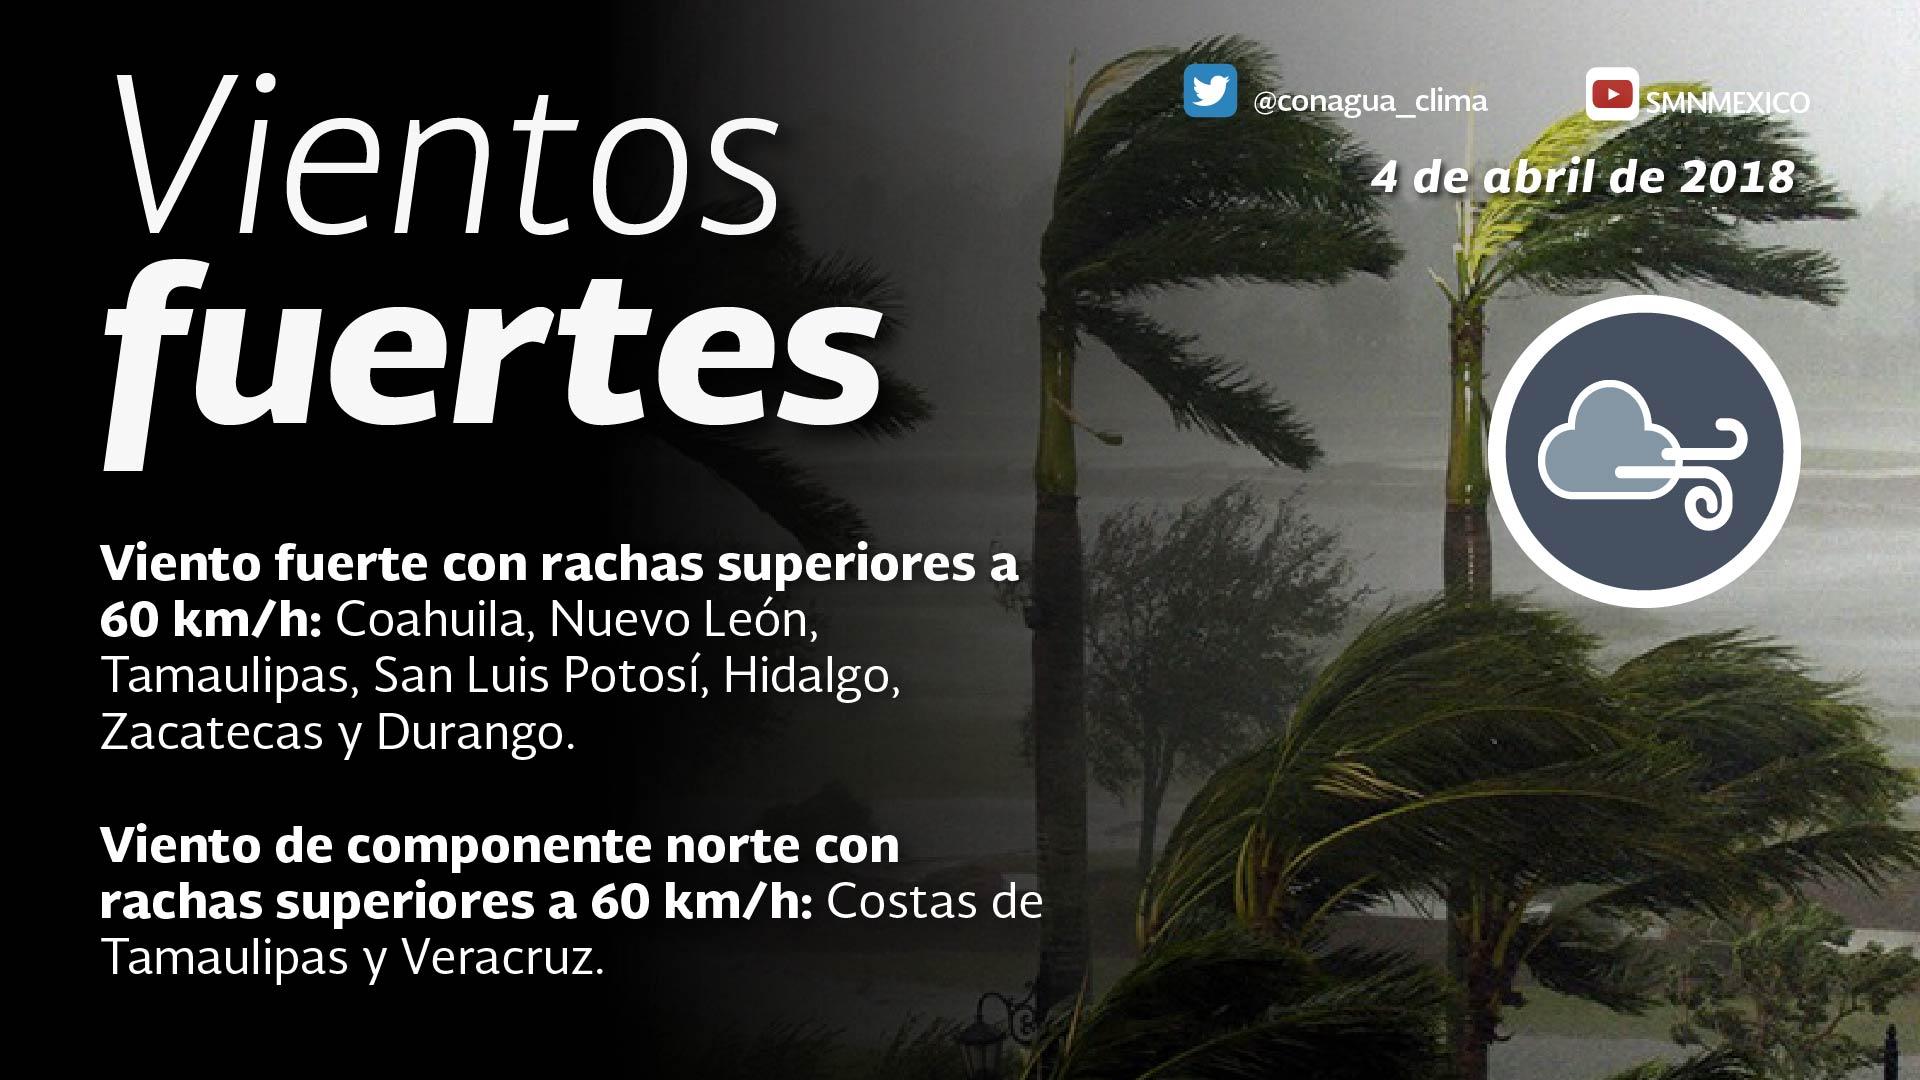 Se prevén intervalos de chubascos con tormentas puntuales fuertes para Tlaxcala